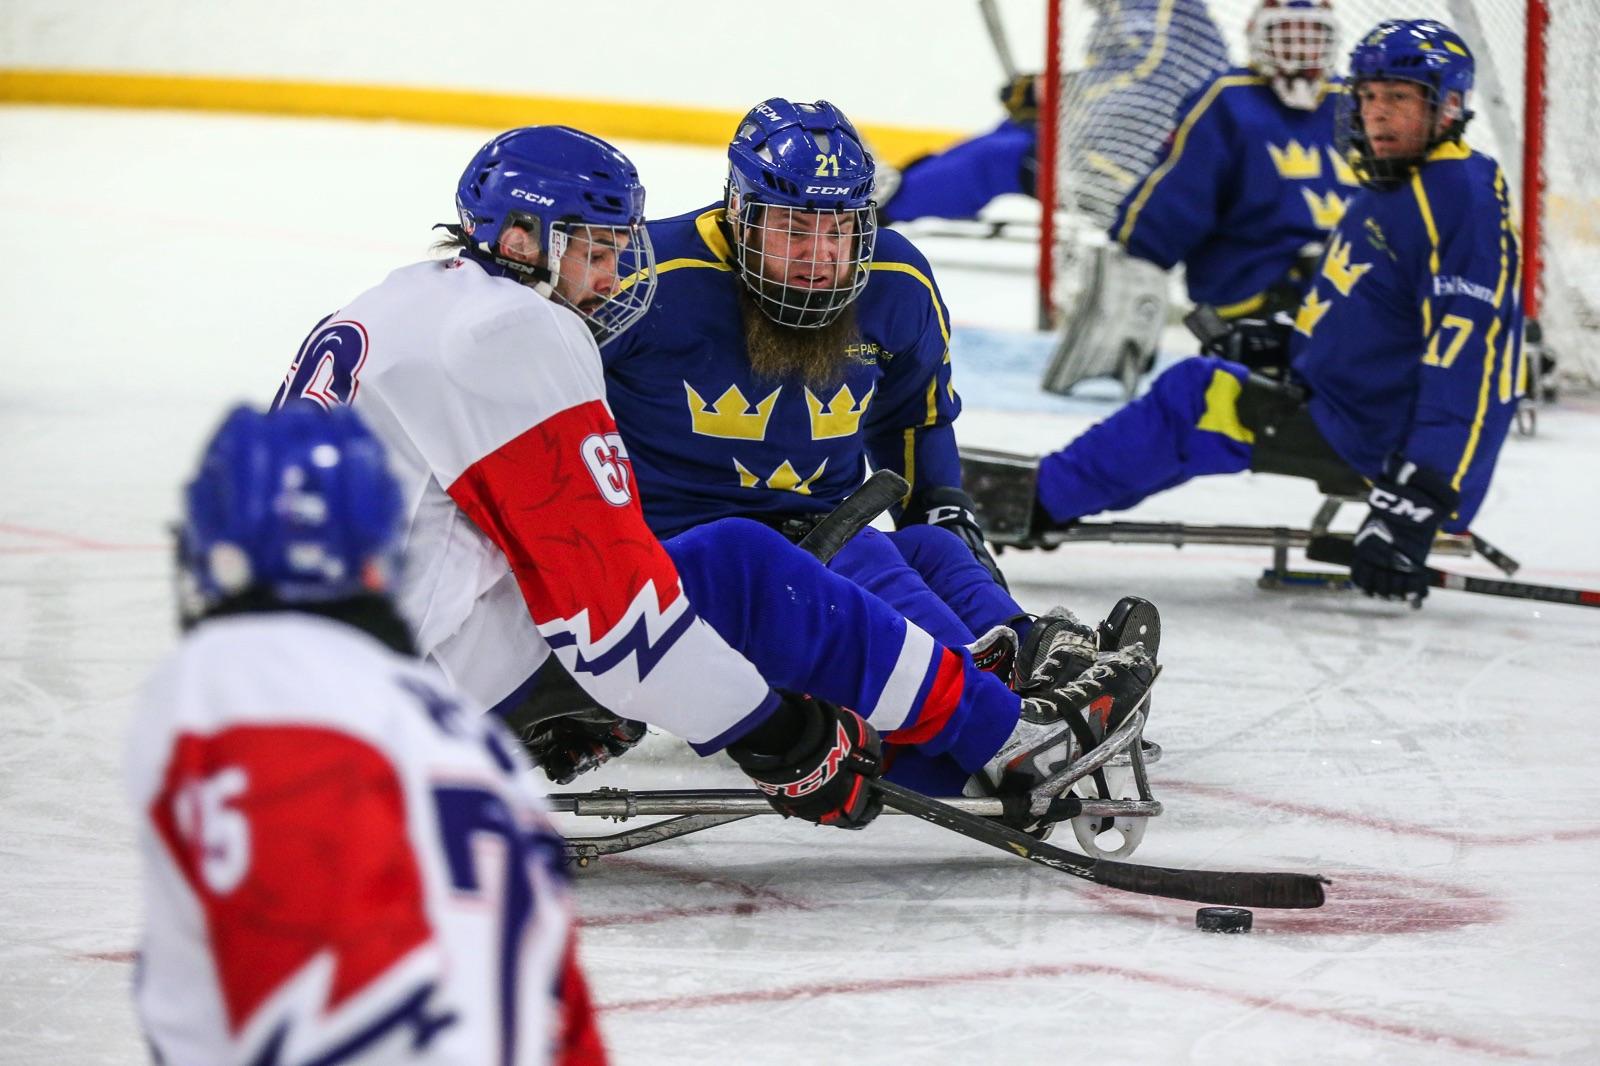 Paraishockey. Sverige och Tjeckien.